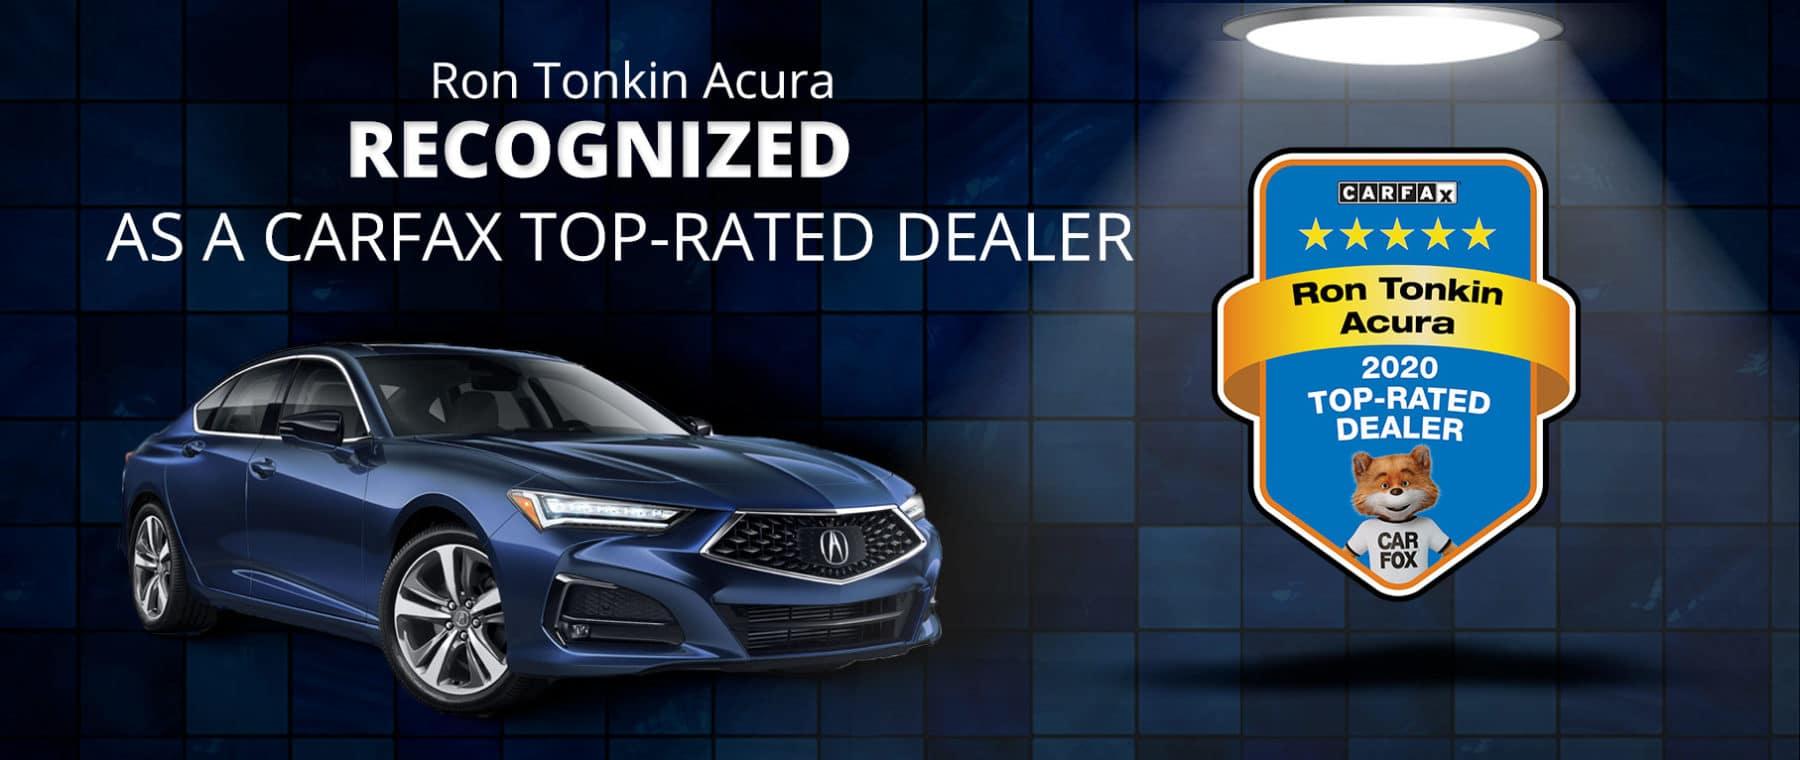 Ron-Tonkin-Acura-Wins-Carfax